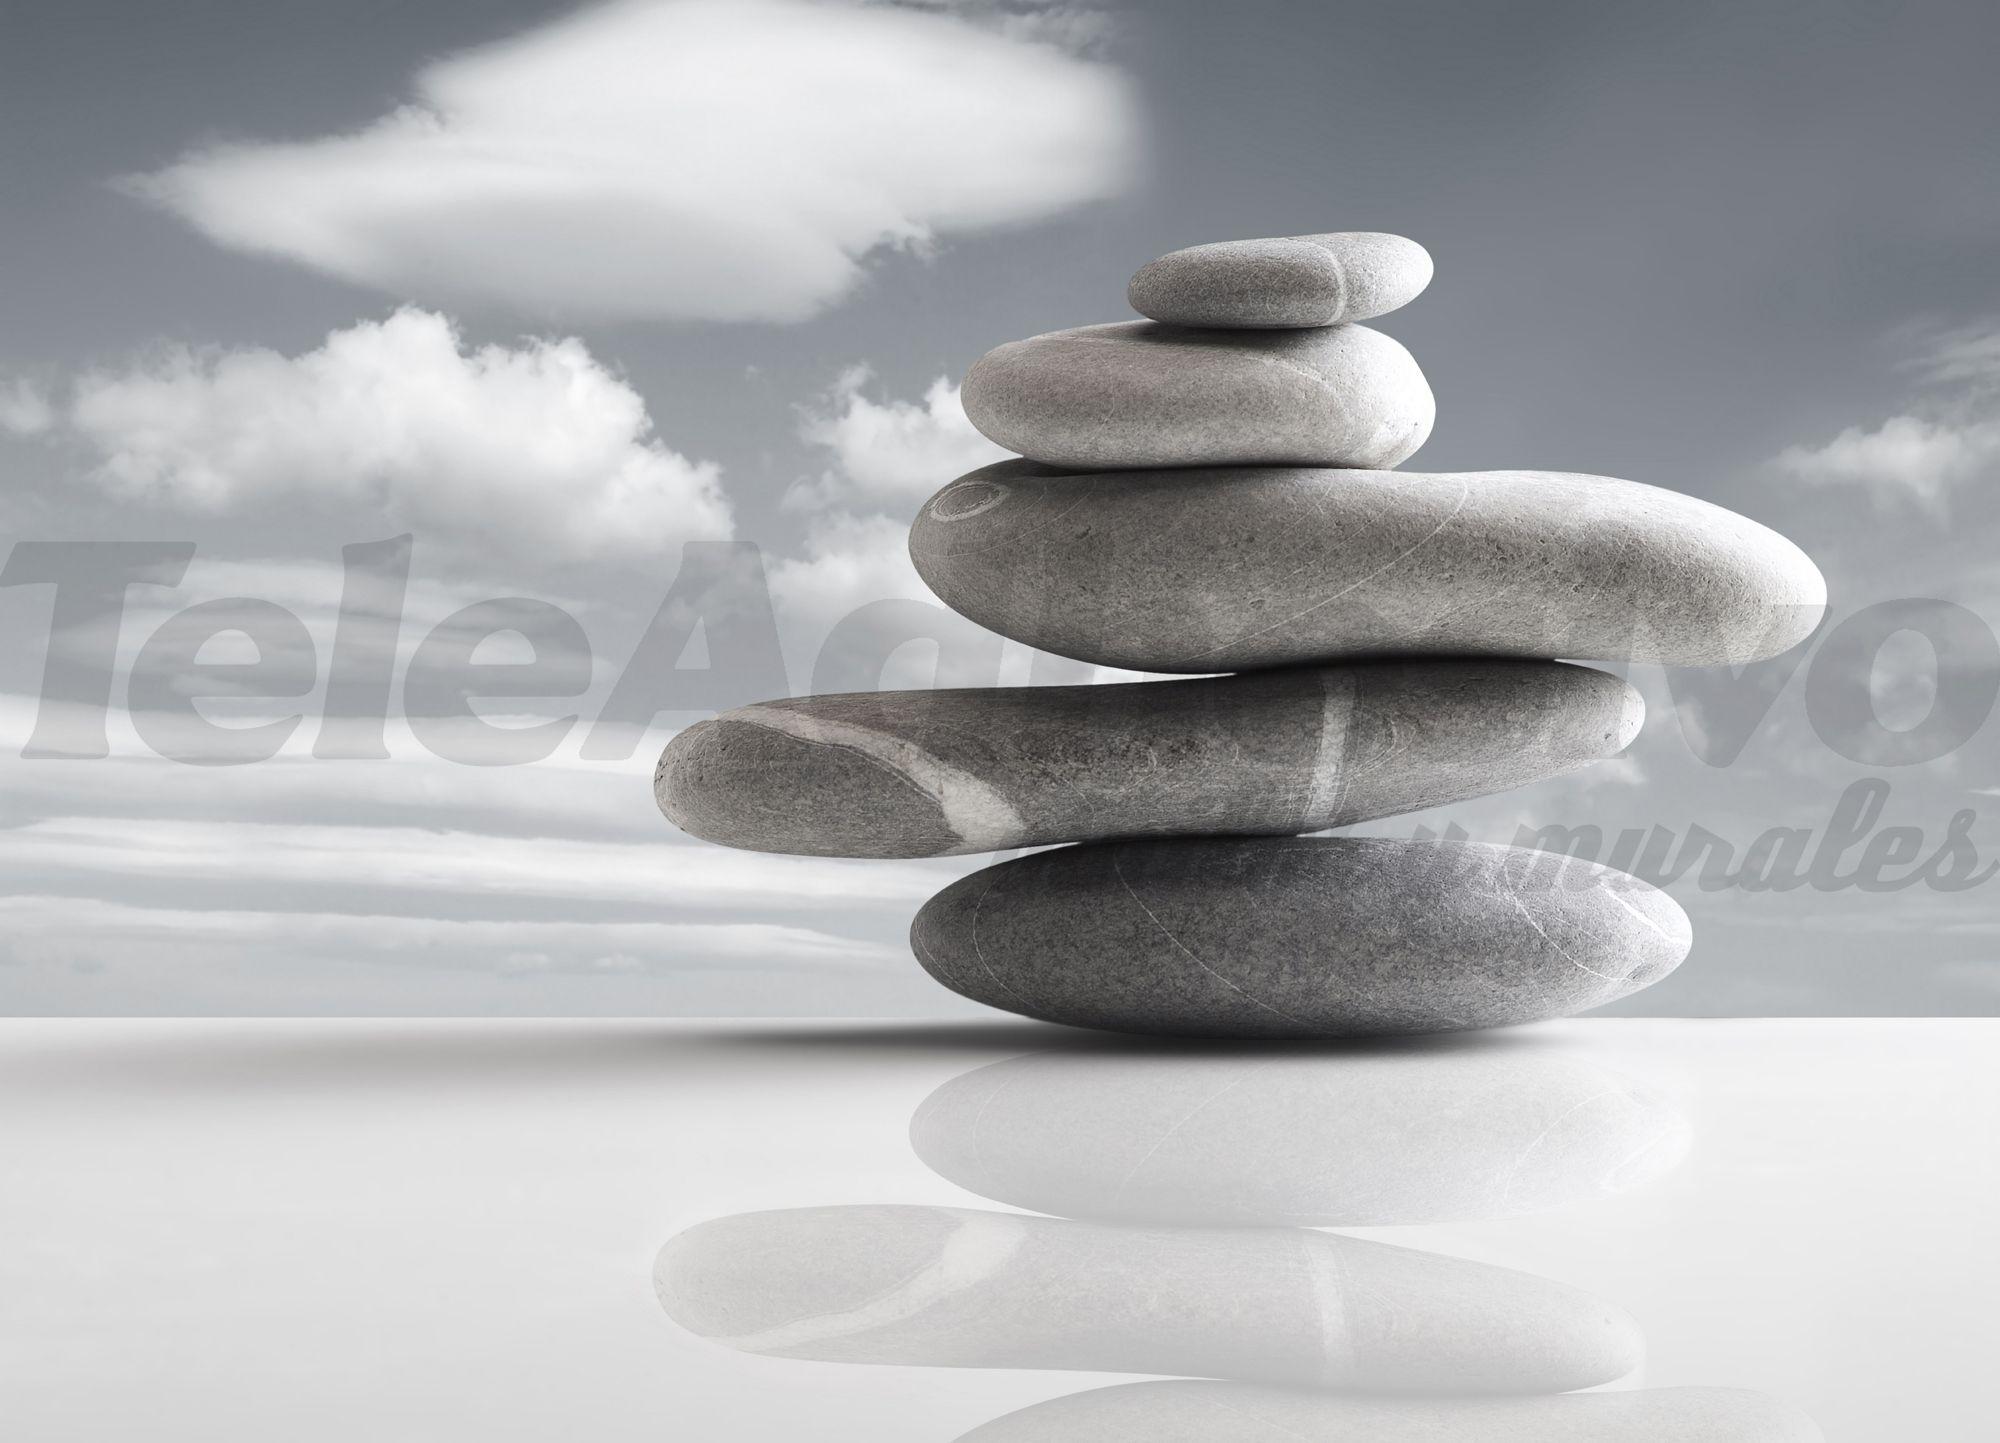 Piedras en el horizonte for Fotos piedras zen